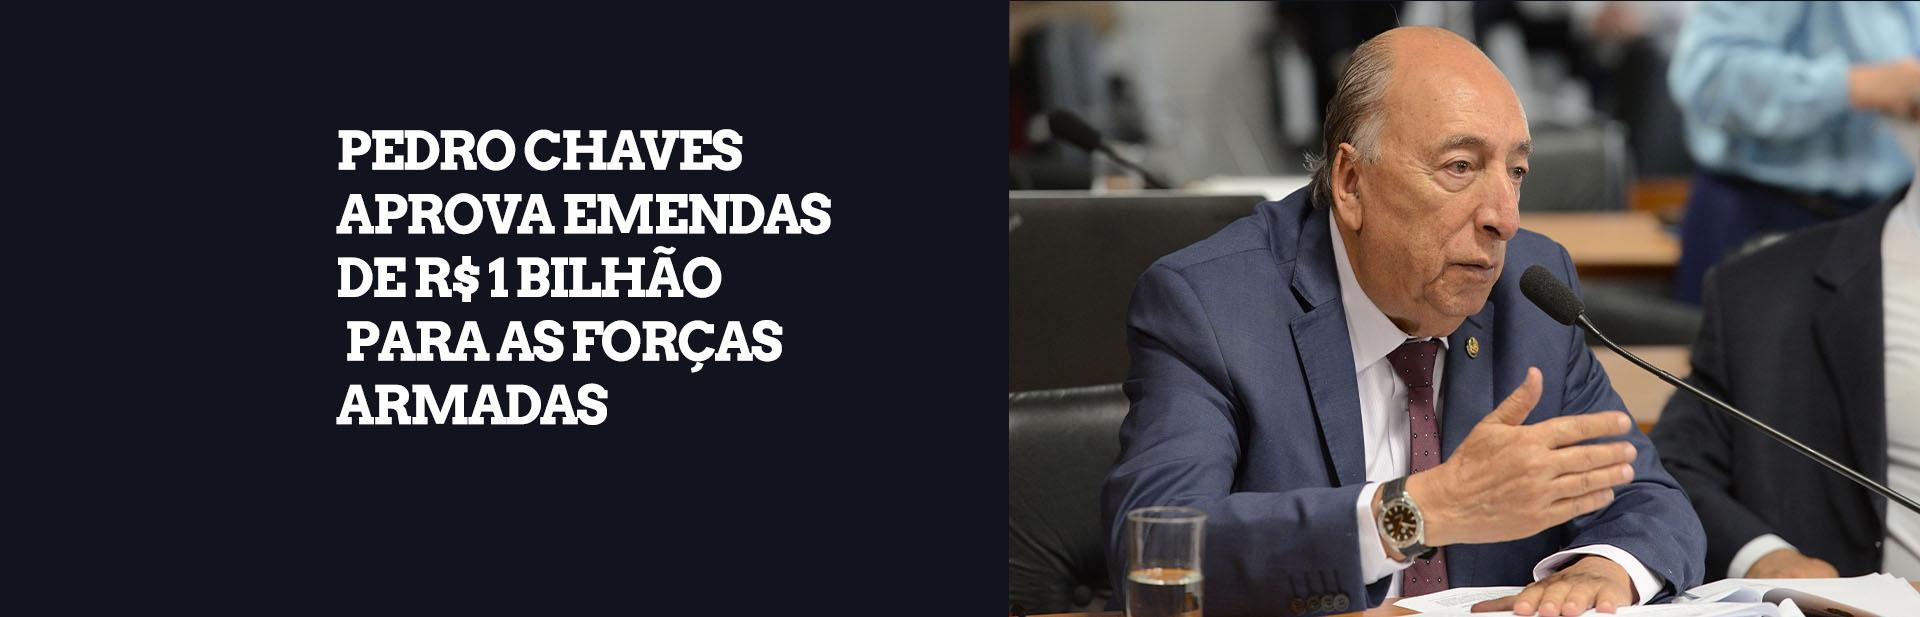 Como relator, Pedro Chaves aprova emendas de R$ 1 bilhão para as Forças Armadas